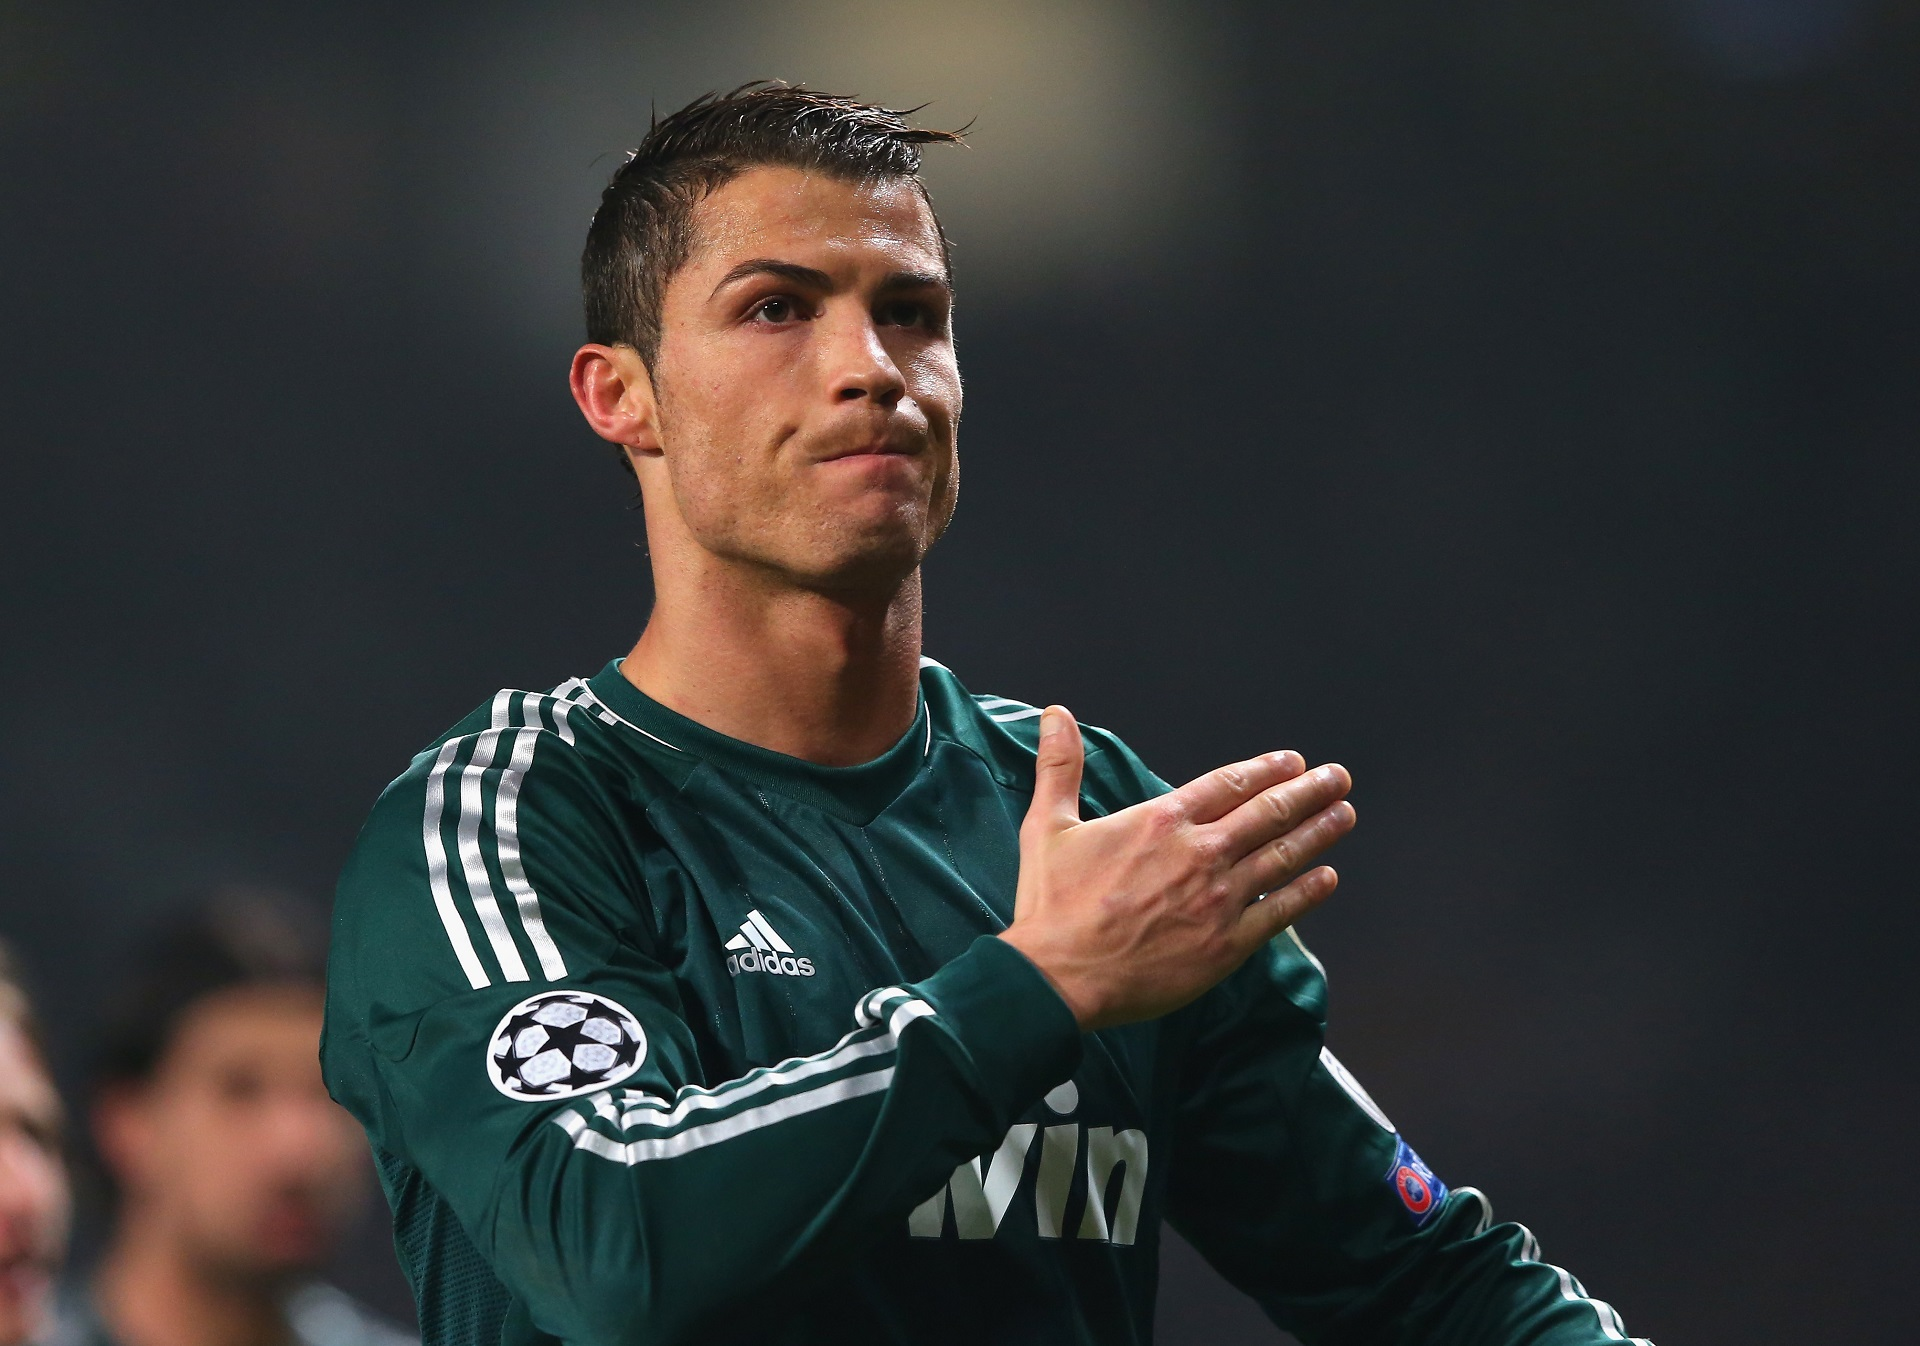 Imágenes y Fotos de Cristiano Ronaldo